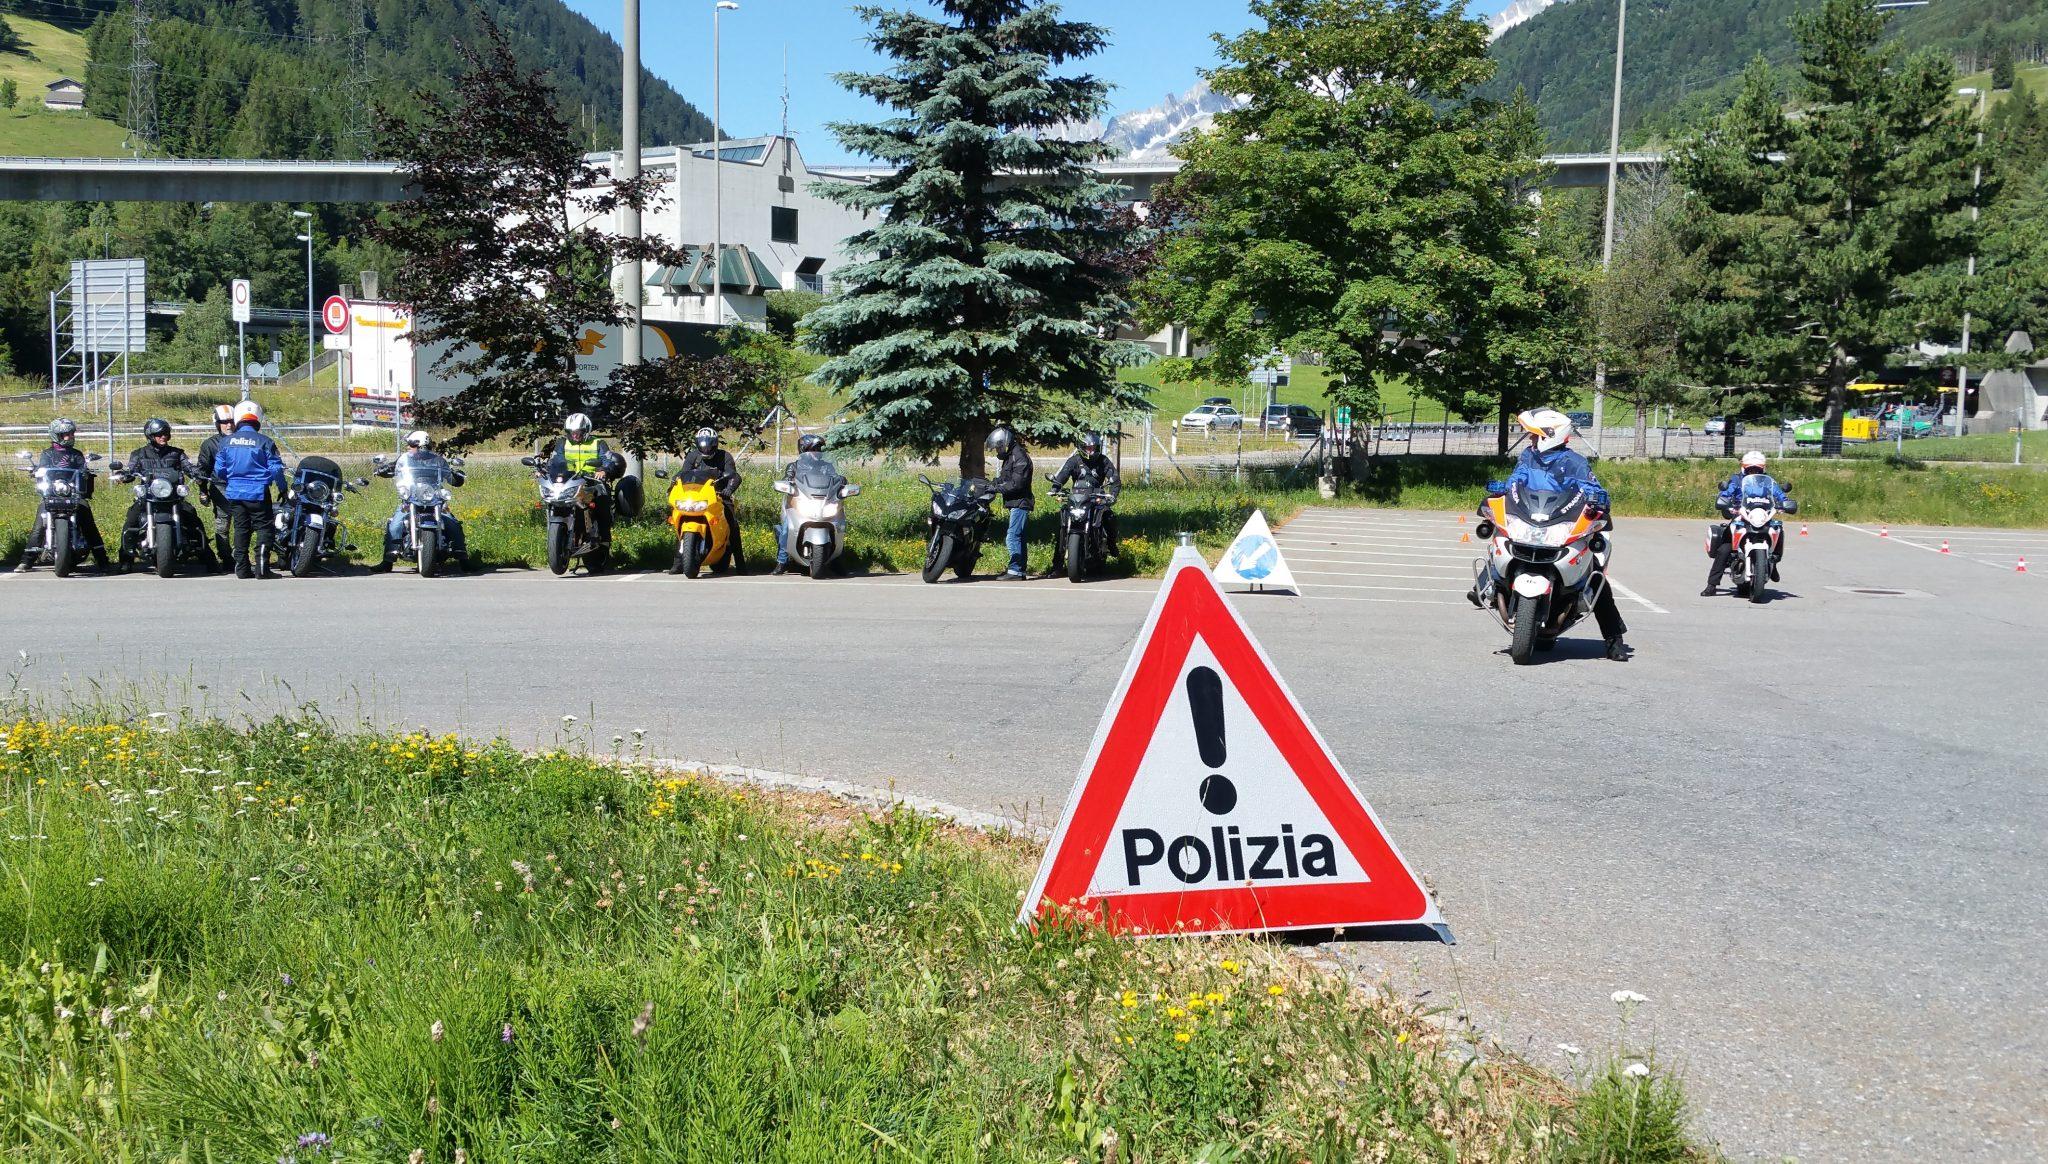 Prevenzione motociclisti: guidare in sicurezza sui passi alpini